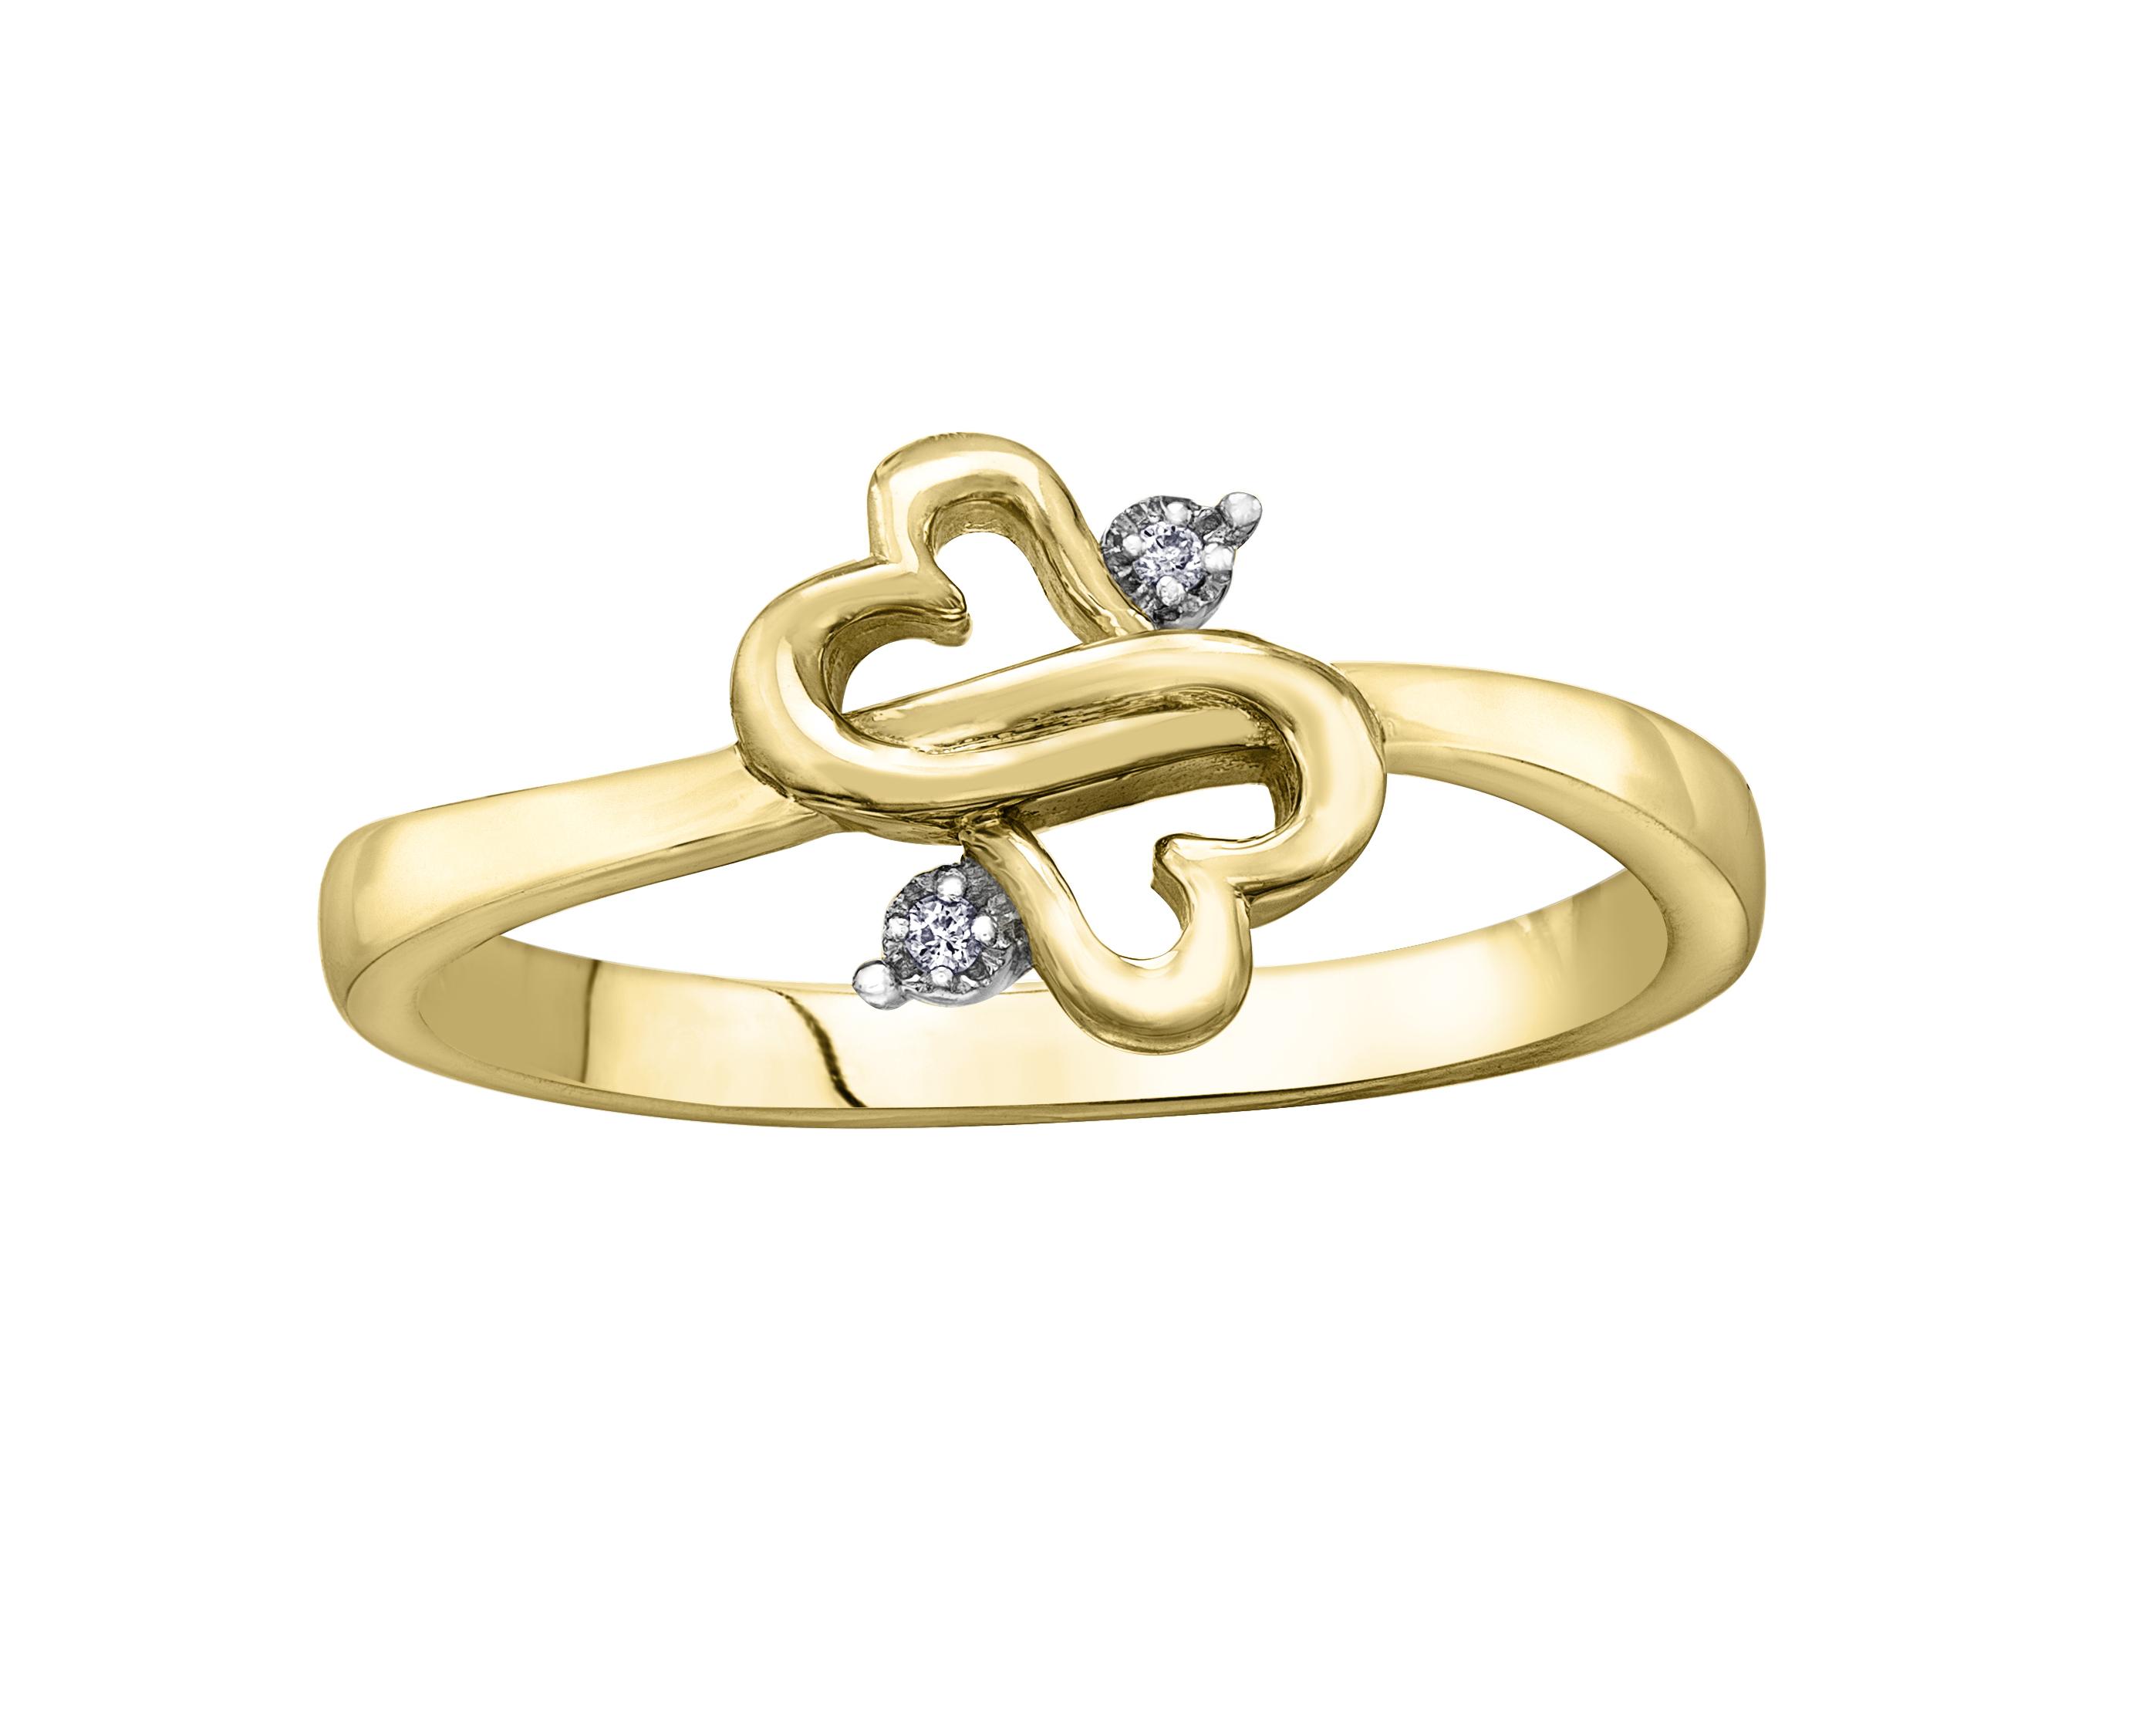 Bague coeurs - Or jaune 10K & Diamants